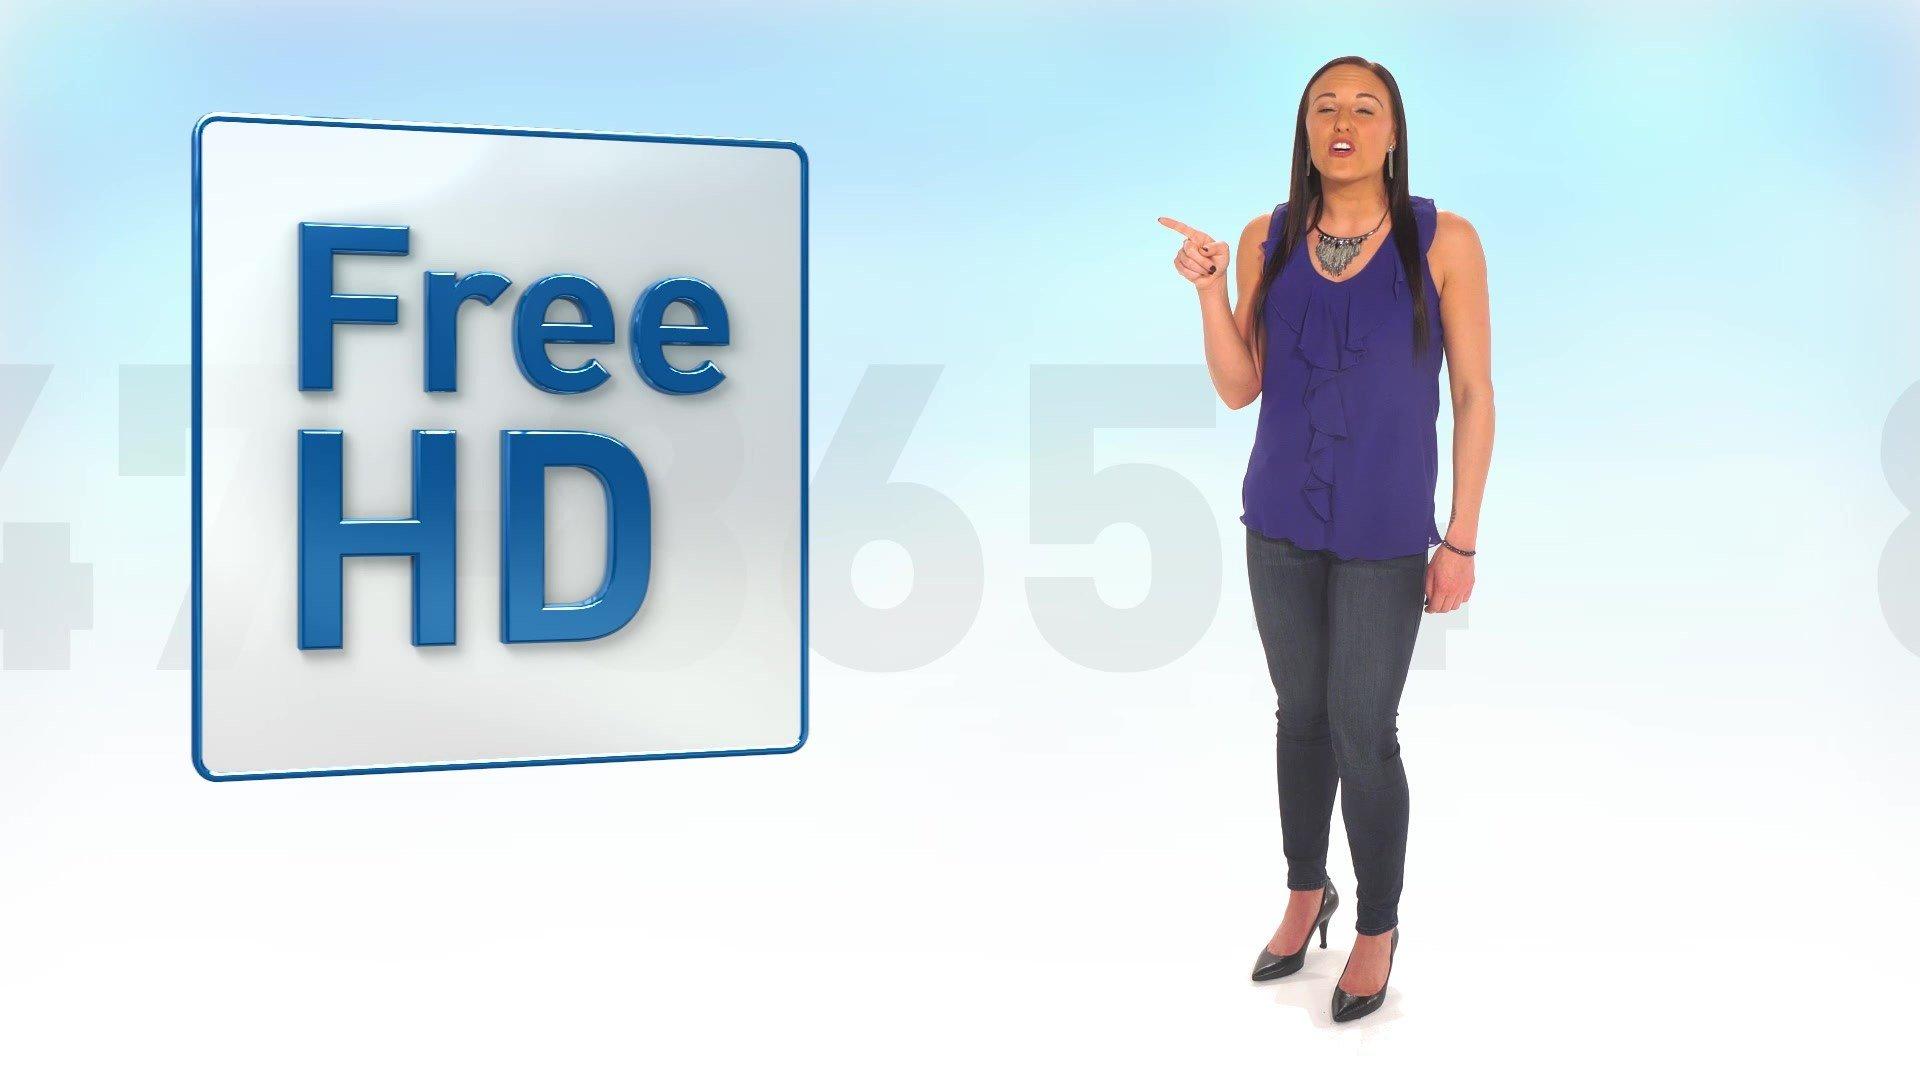 Spectrum Tampa Fl >> Spectrum Tv Free Hd In Tampa Fl